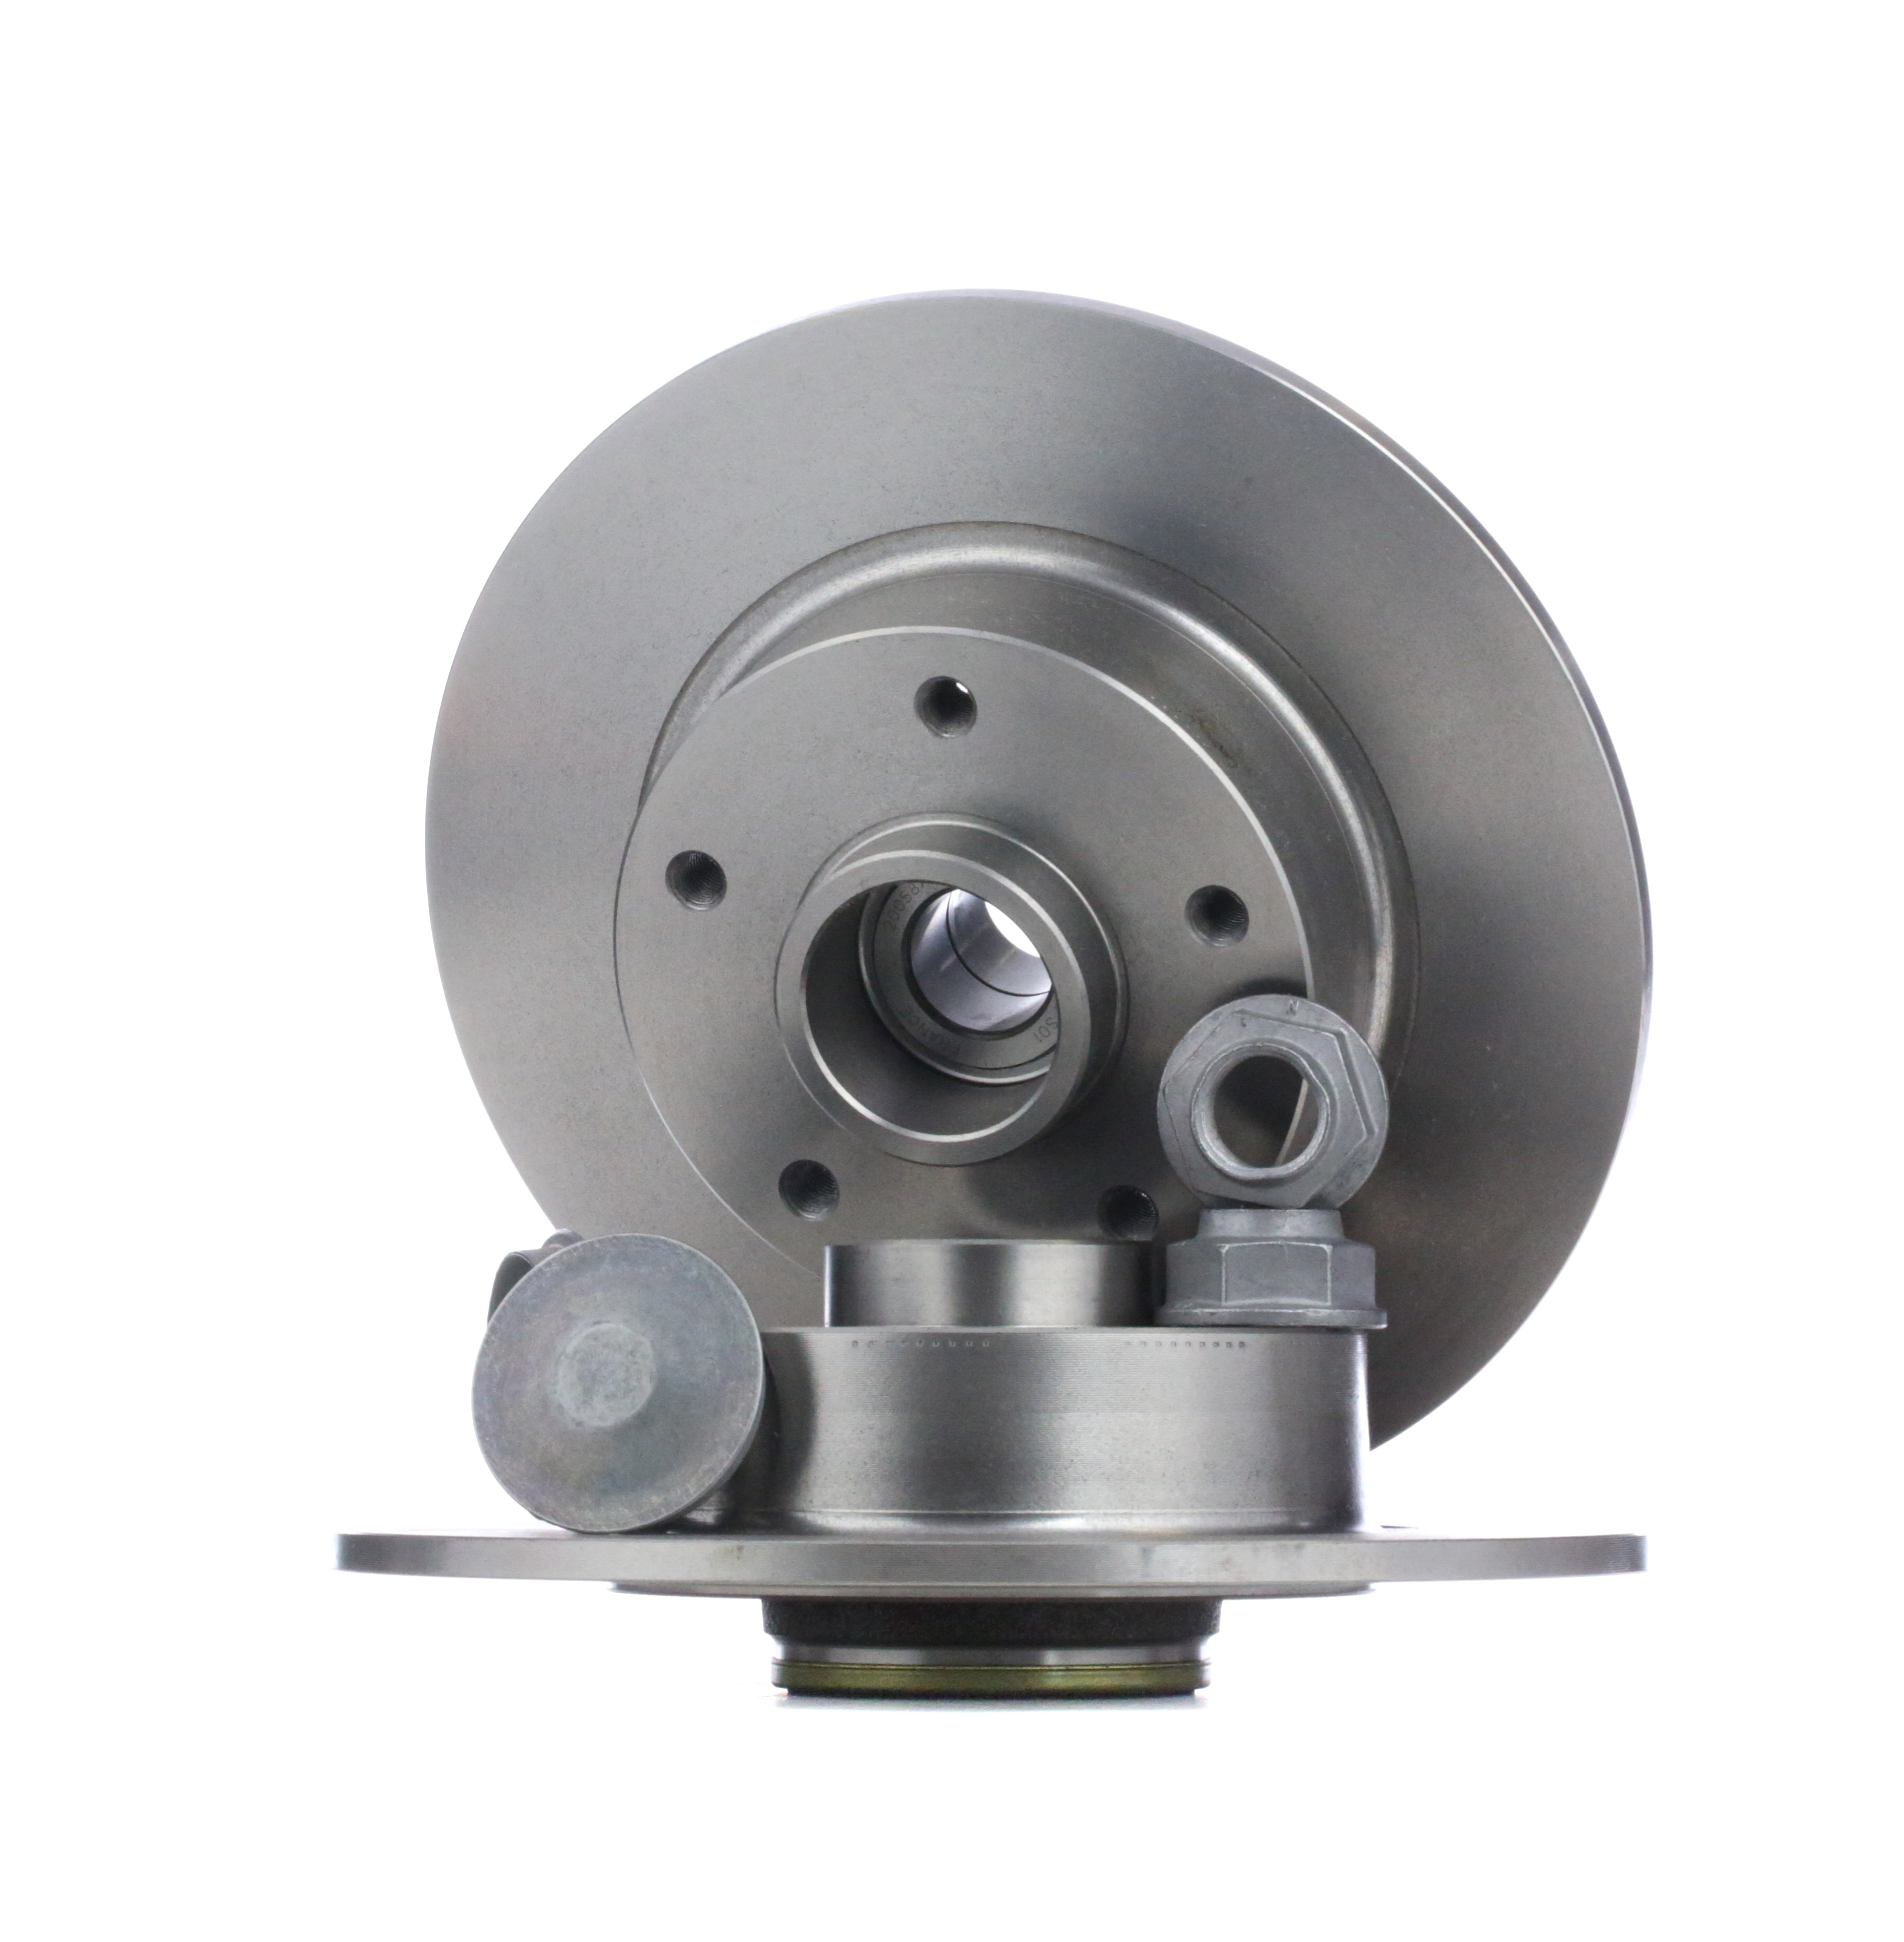 Origine Disque de frein SNR KF155.110U (Ø: 260mm, Nbre de trous: 5, Épaisseur du disque de frein: 8,1mm)